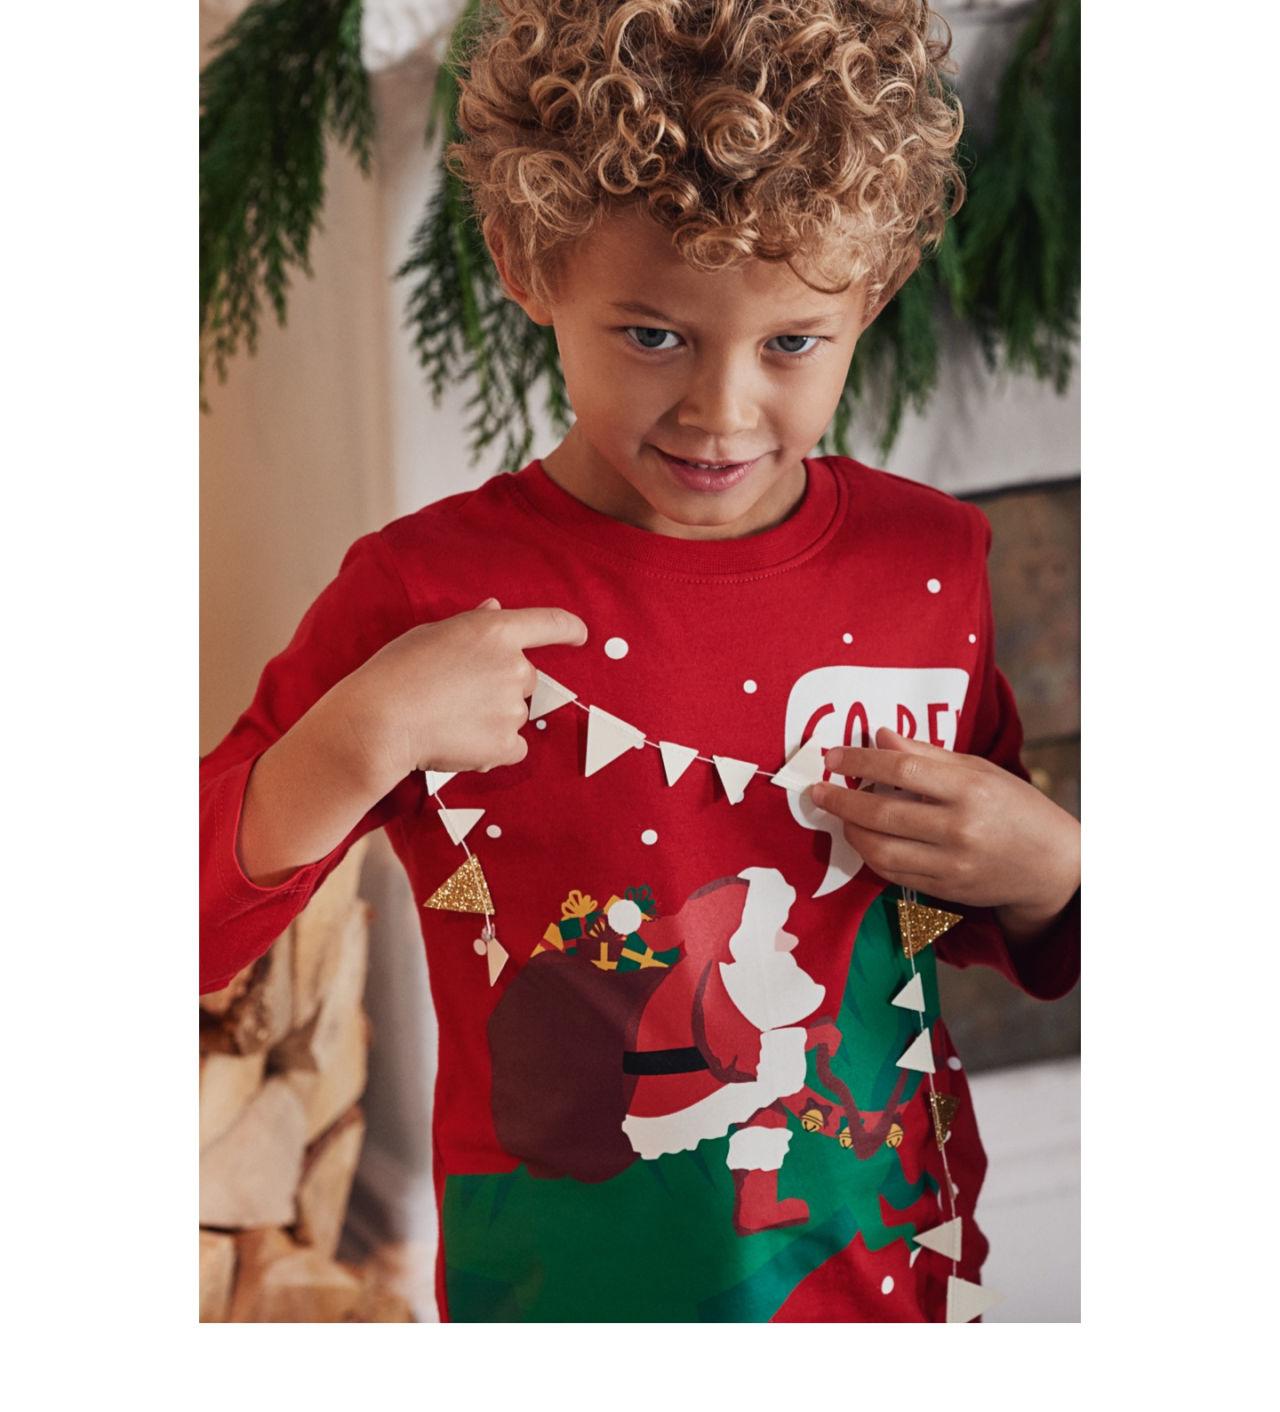 świąteczne ubrania ubrania na święta kolekcja świąteczna h&m